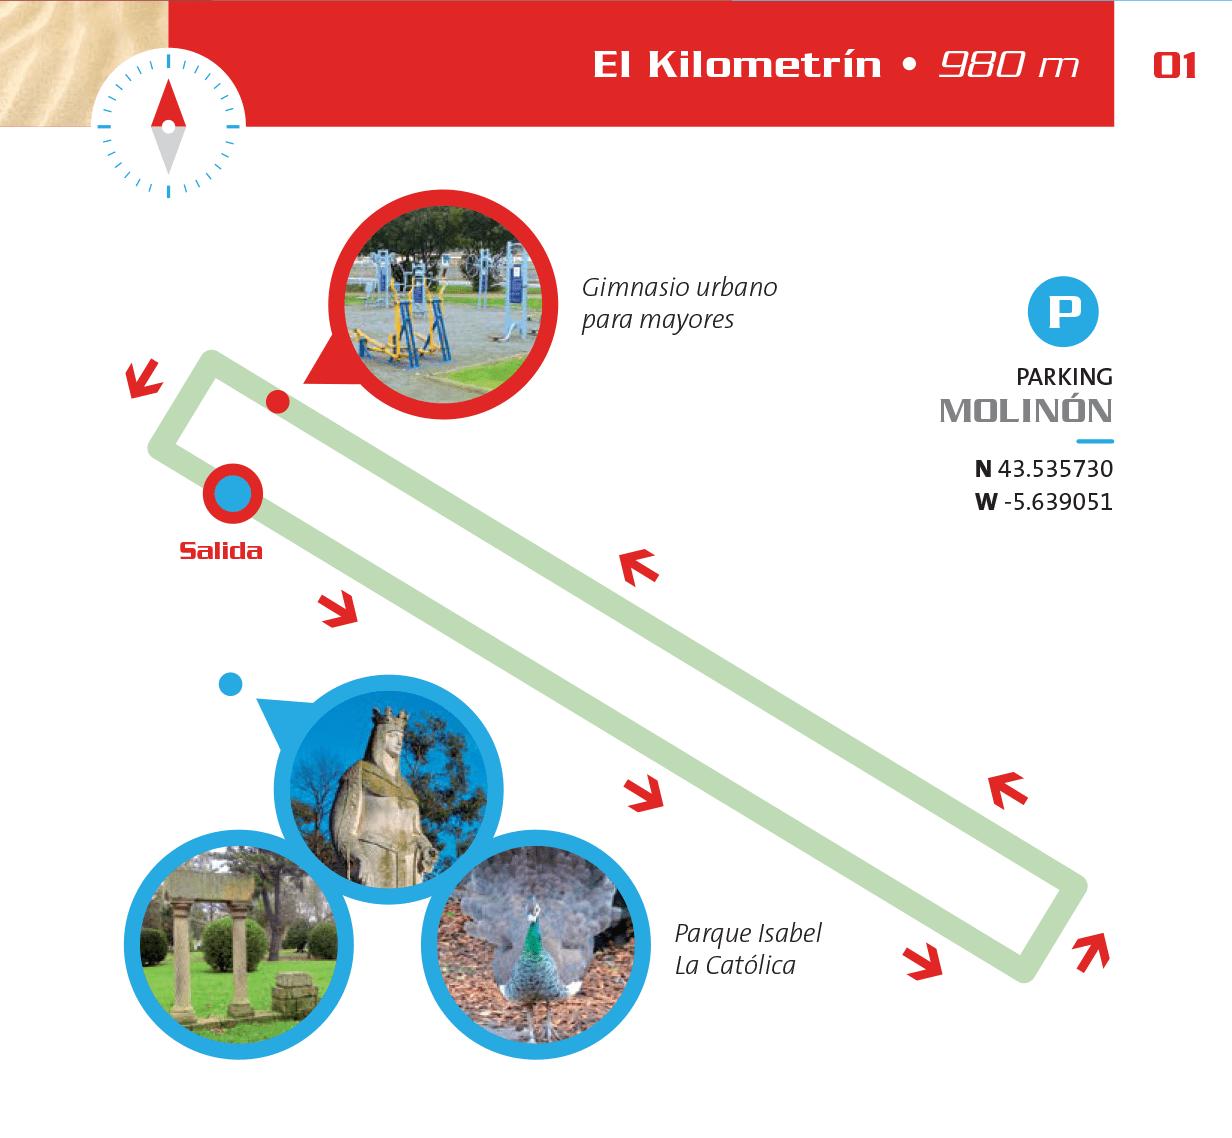 Detalles de la ruta EL Kilometrín